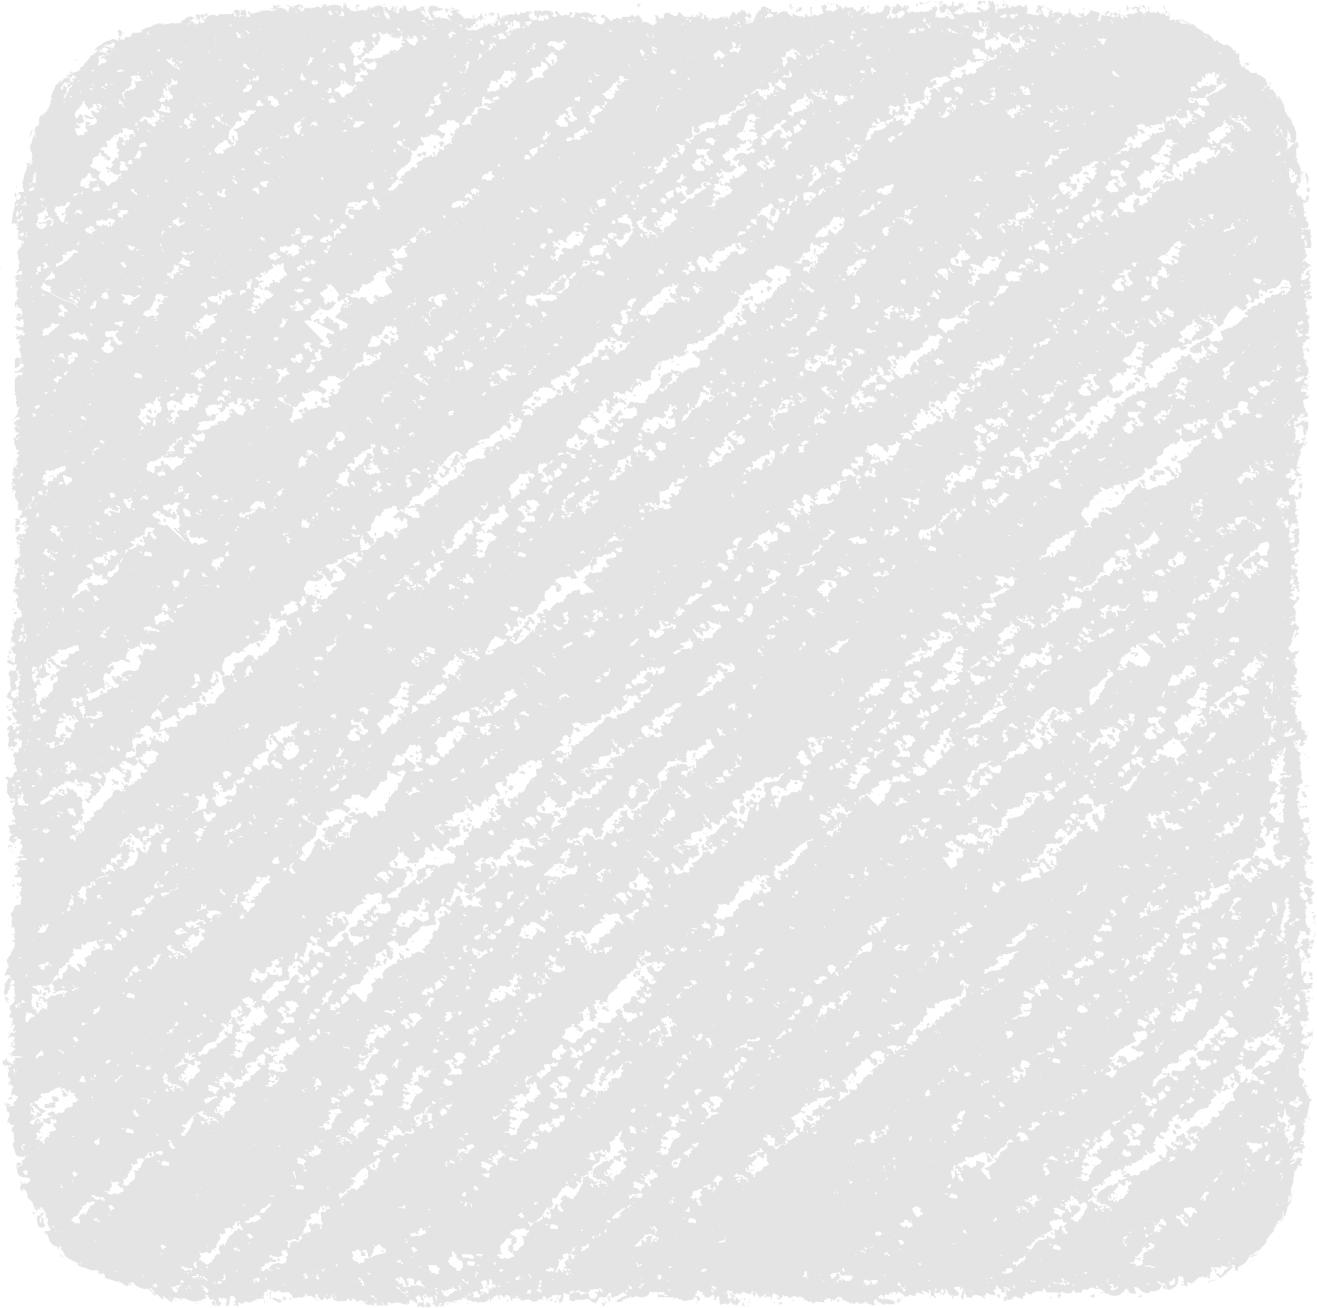 クレヨン塗り背景 パステル ねずみ色 新(グレー)四角のイラスト square_gray